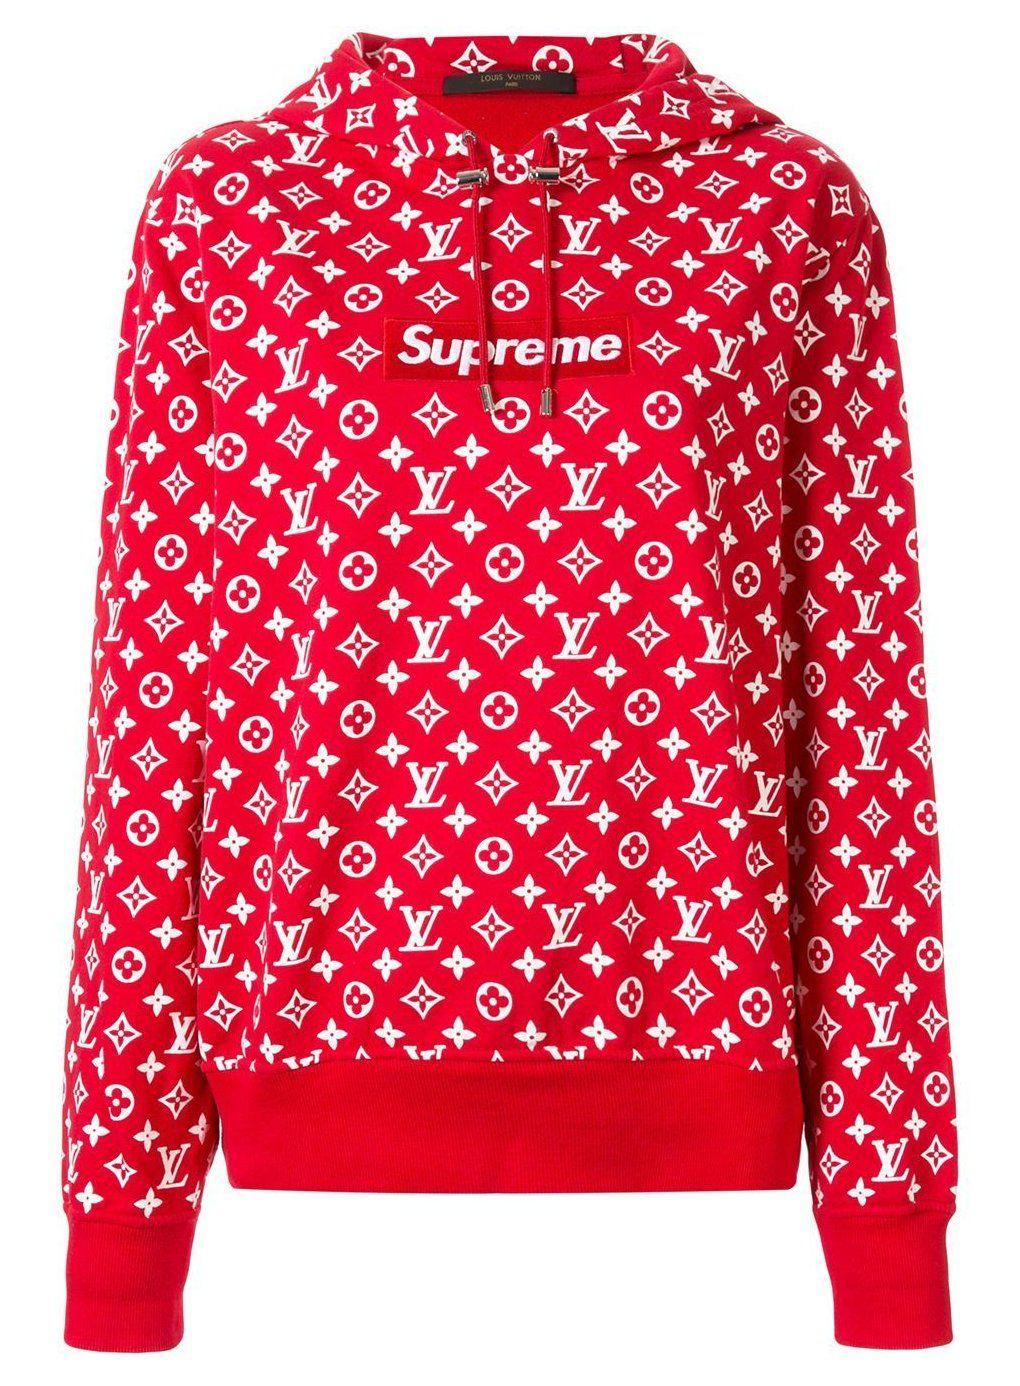 Louis Vuitton X Supreme Logo Hoodie Red Louis Tomlinson Red Tracksuit Louistomlinsonredtracksui In 2021 Supreme Hoodie Louis Vuitton Supreme Supreme Logo Hoodie [ 1386 x 1020 Pixel ]